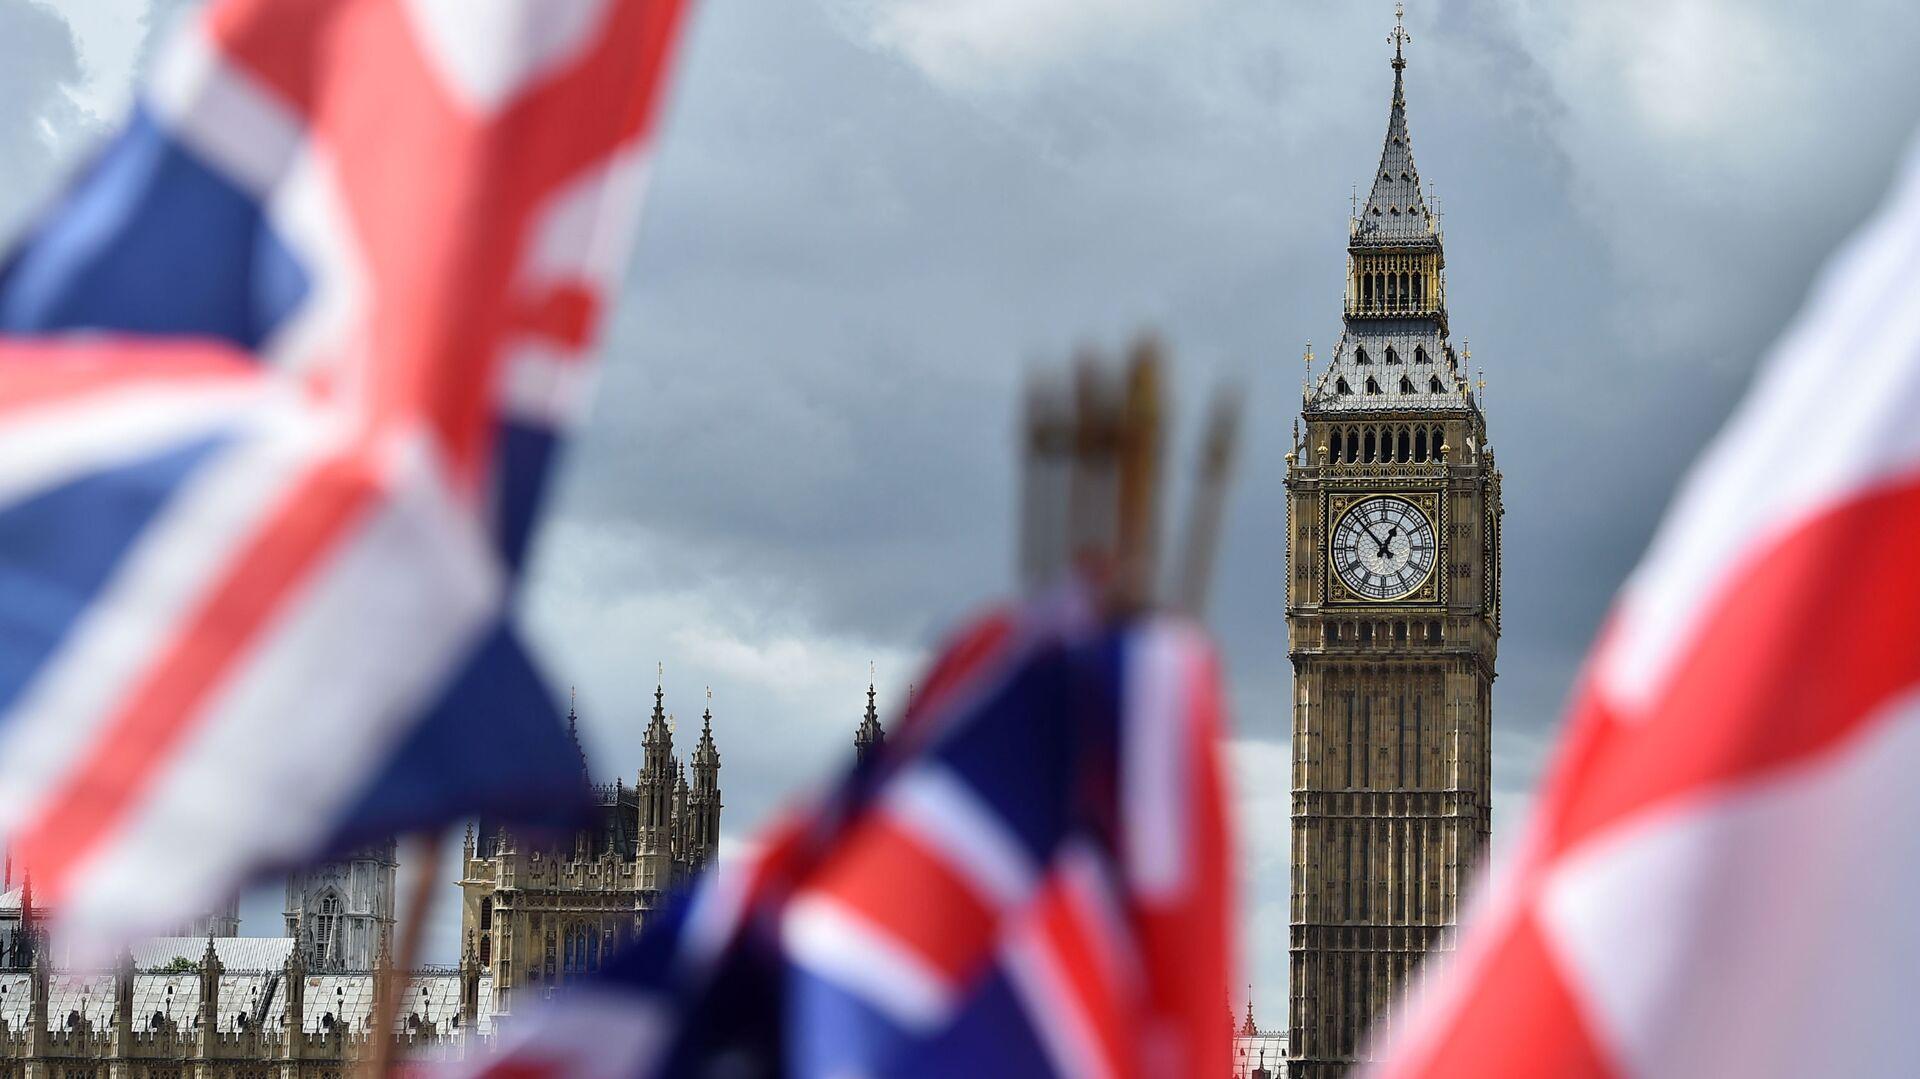 Флаги на фоне Биг-Бена в Лондоне - Sputnik Узбекистан, 1920, 17.09.2021